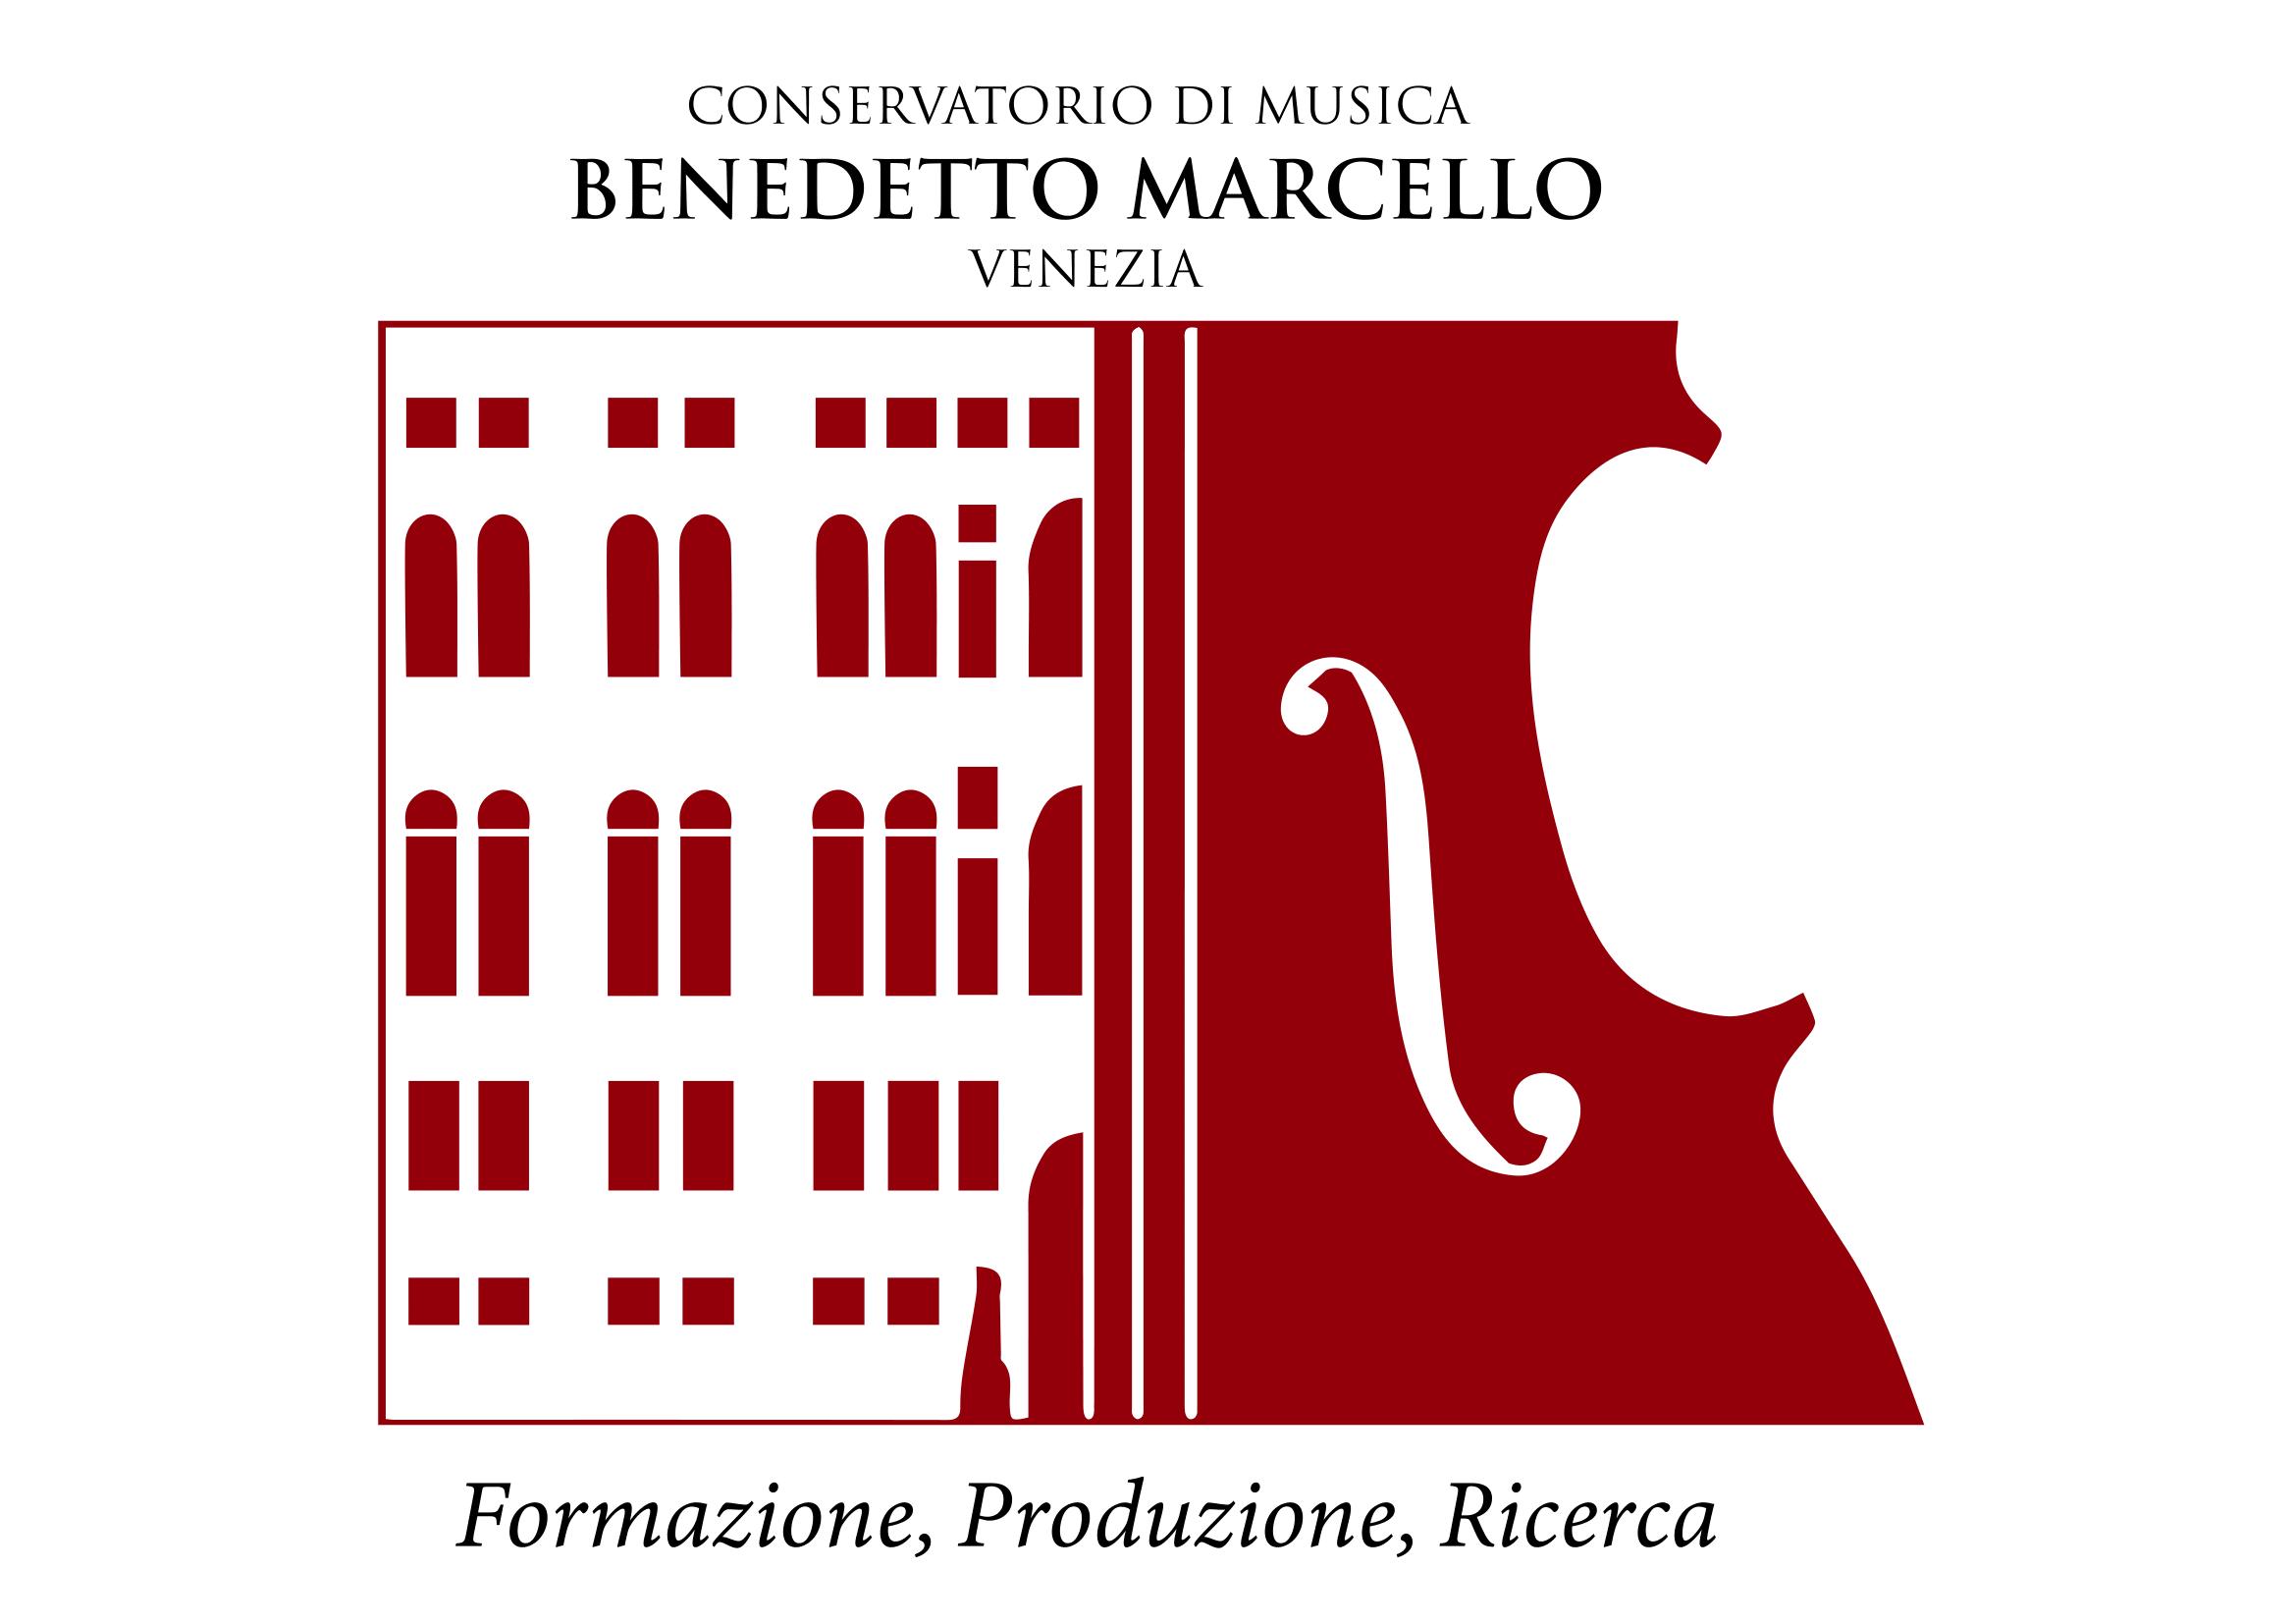 Conservatorio di Musica Benedetto Marcello - Venezia